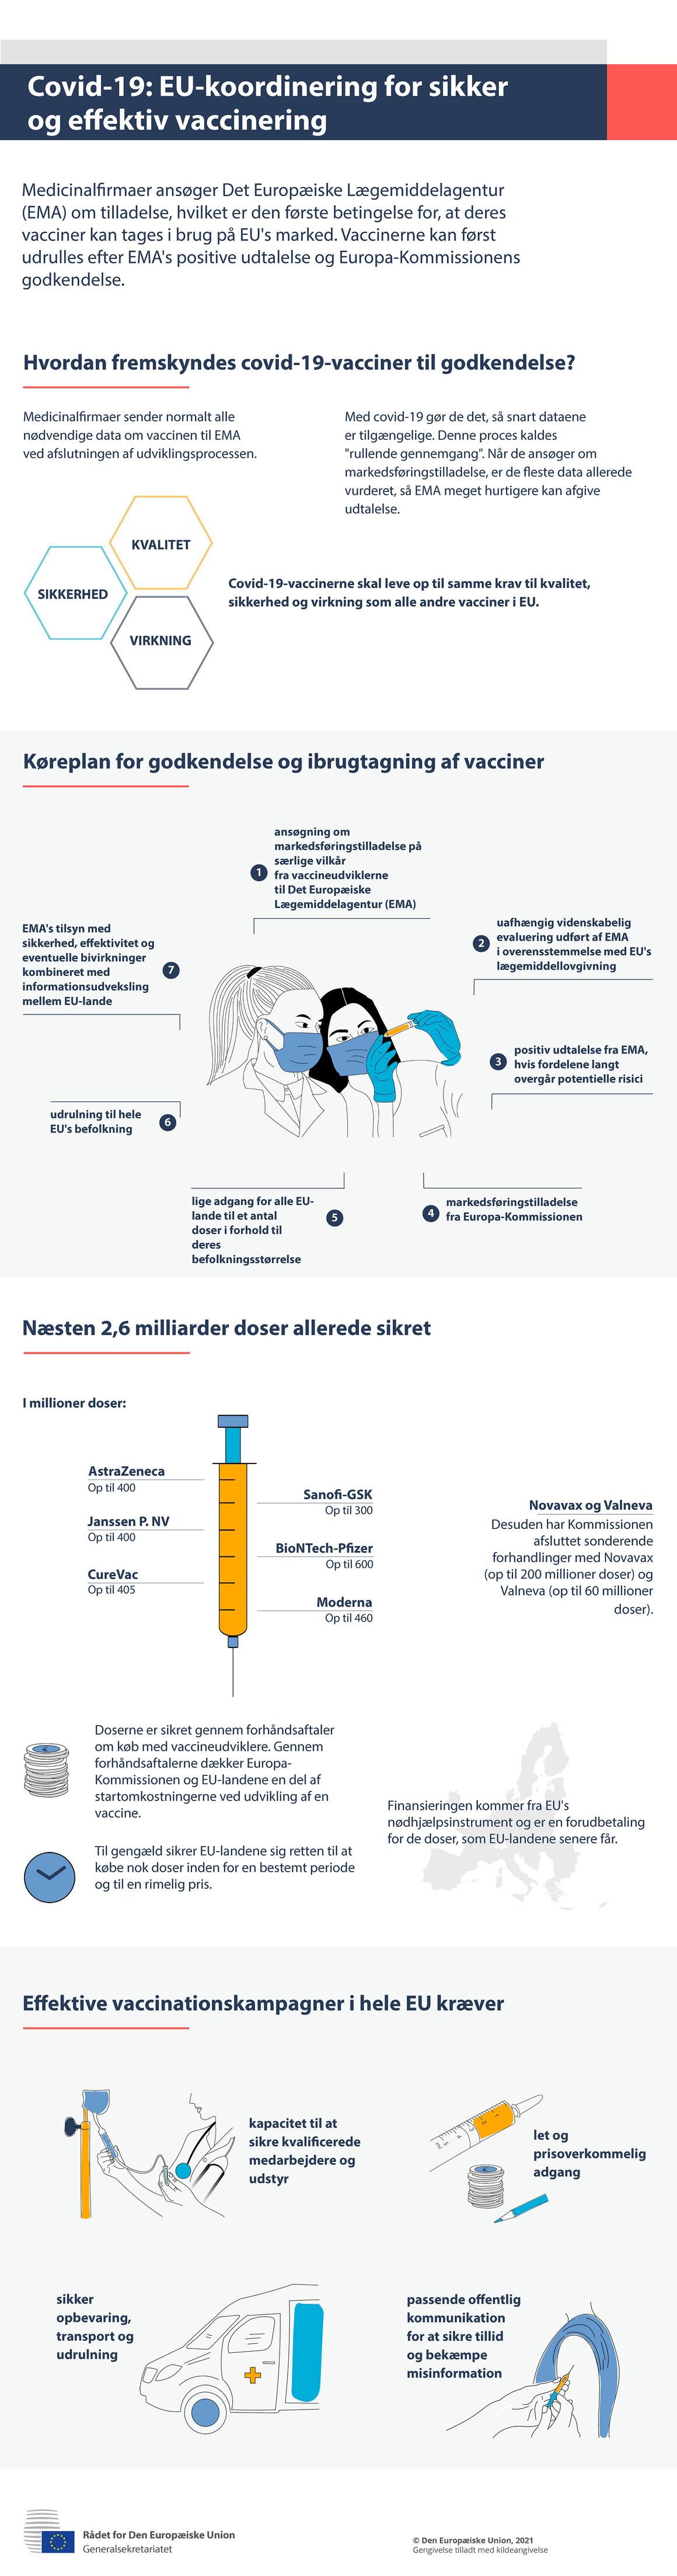 Infografik — covid-19: EU-koordinering for sikker og effektiv vaccinering